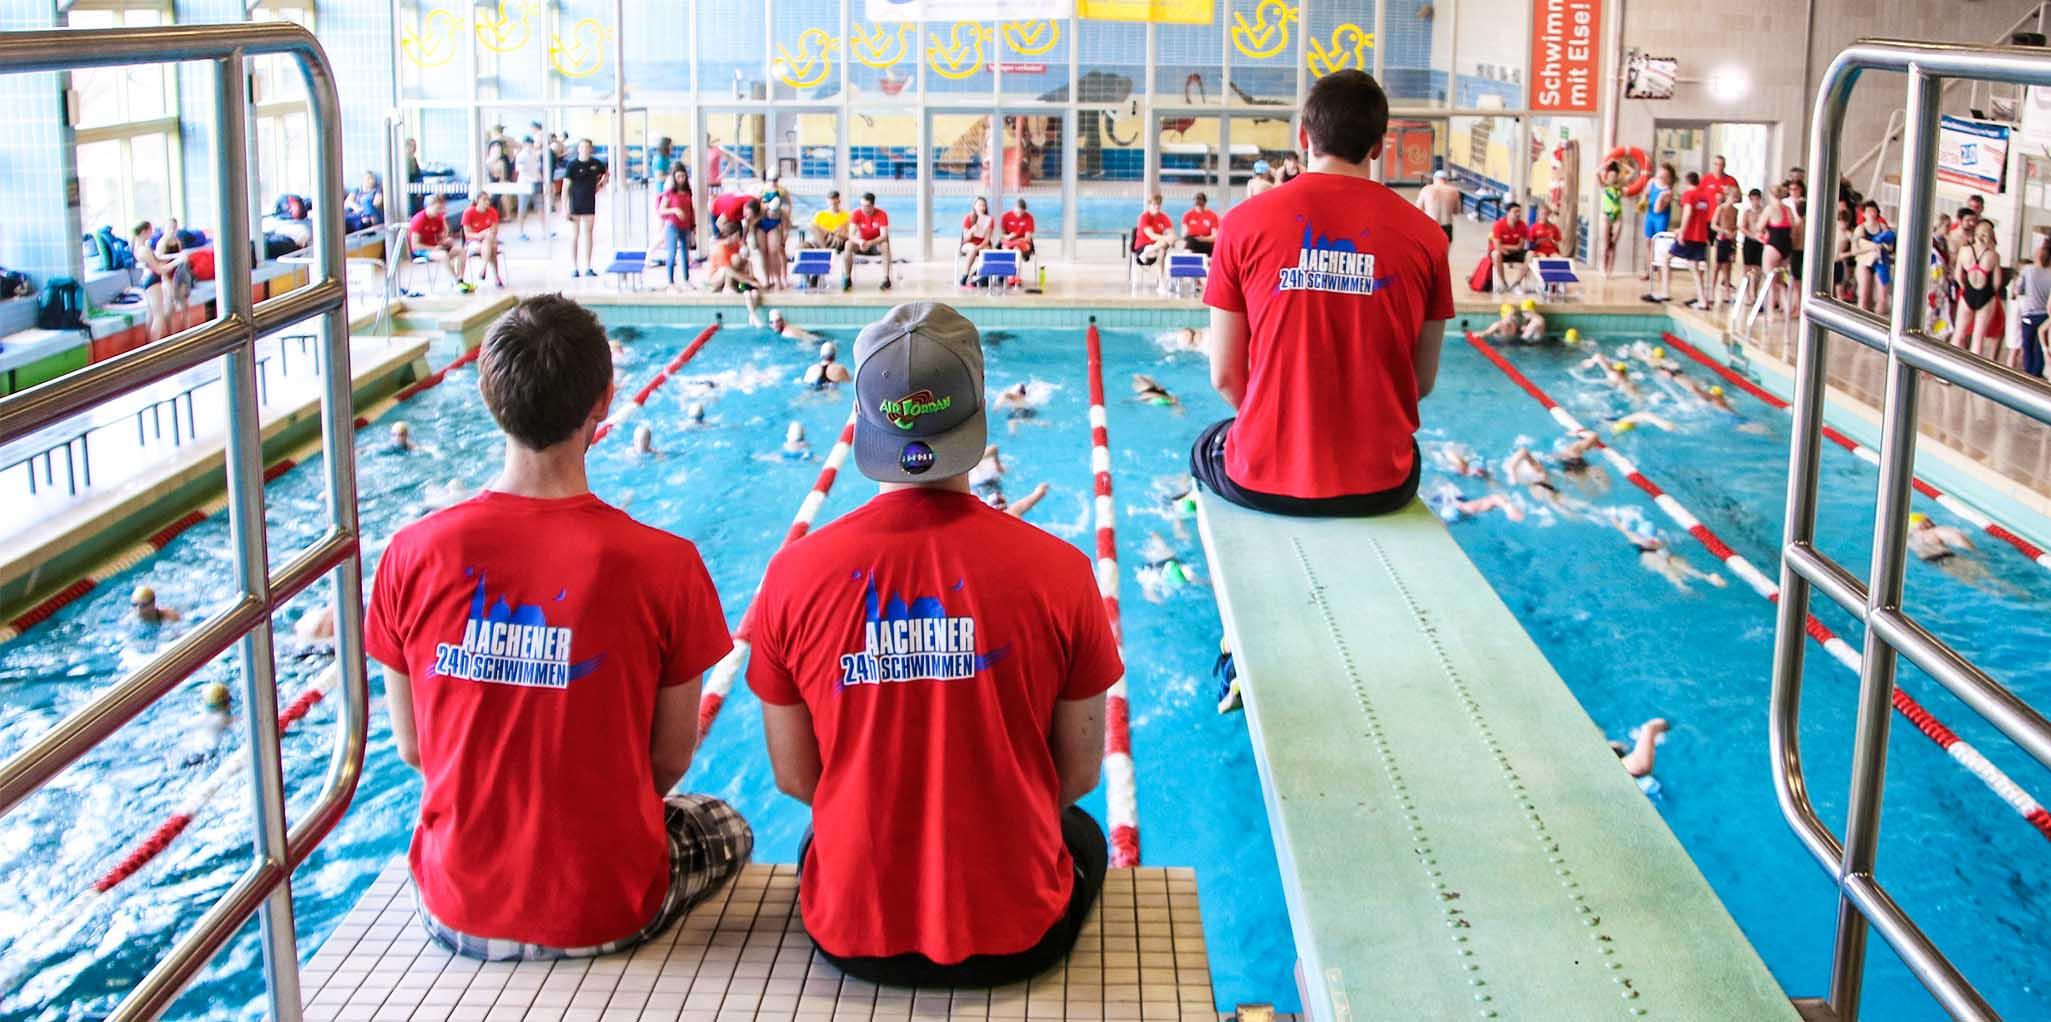 Glückwunsch! Das beliebteste 24h Schwimmen Deutschlands